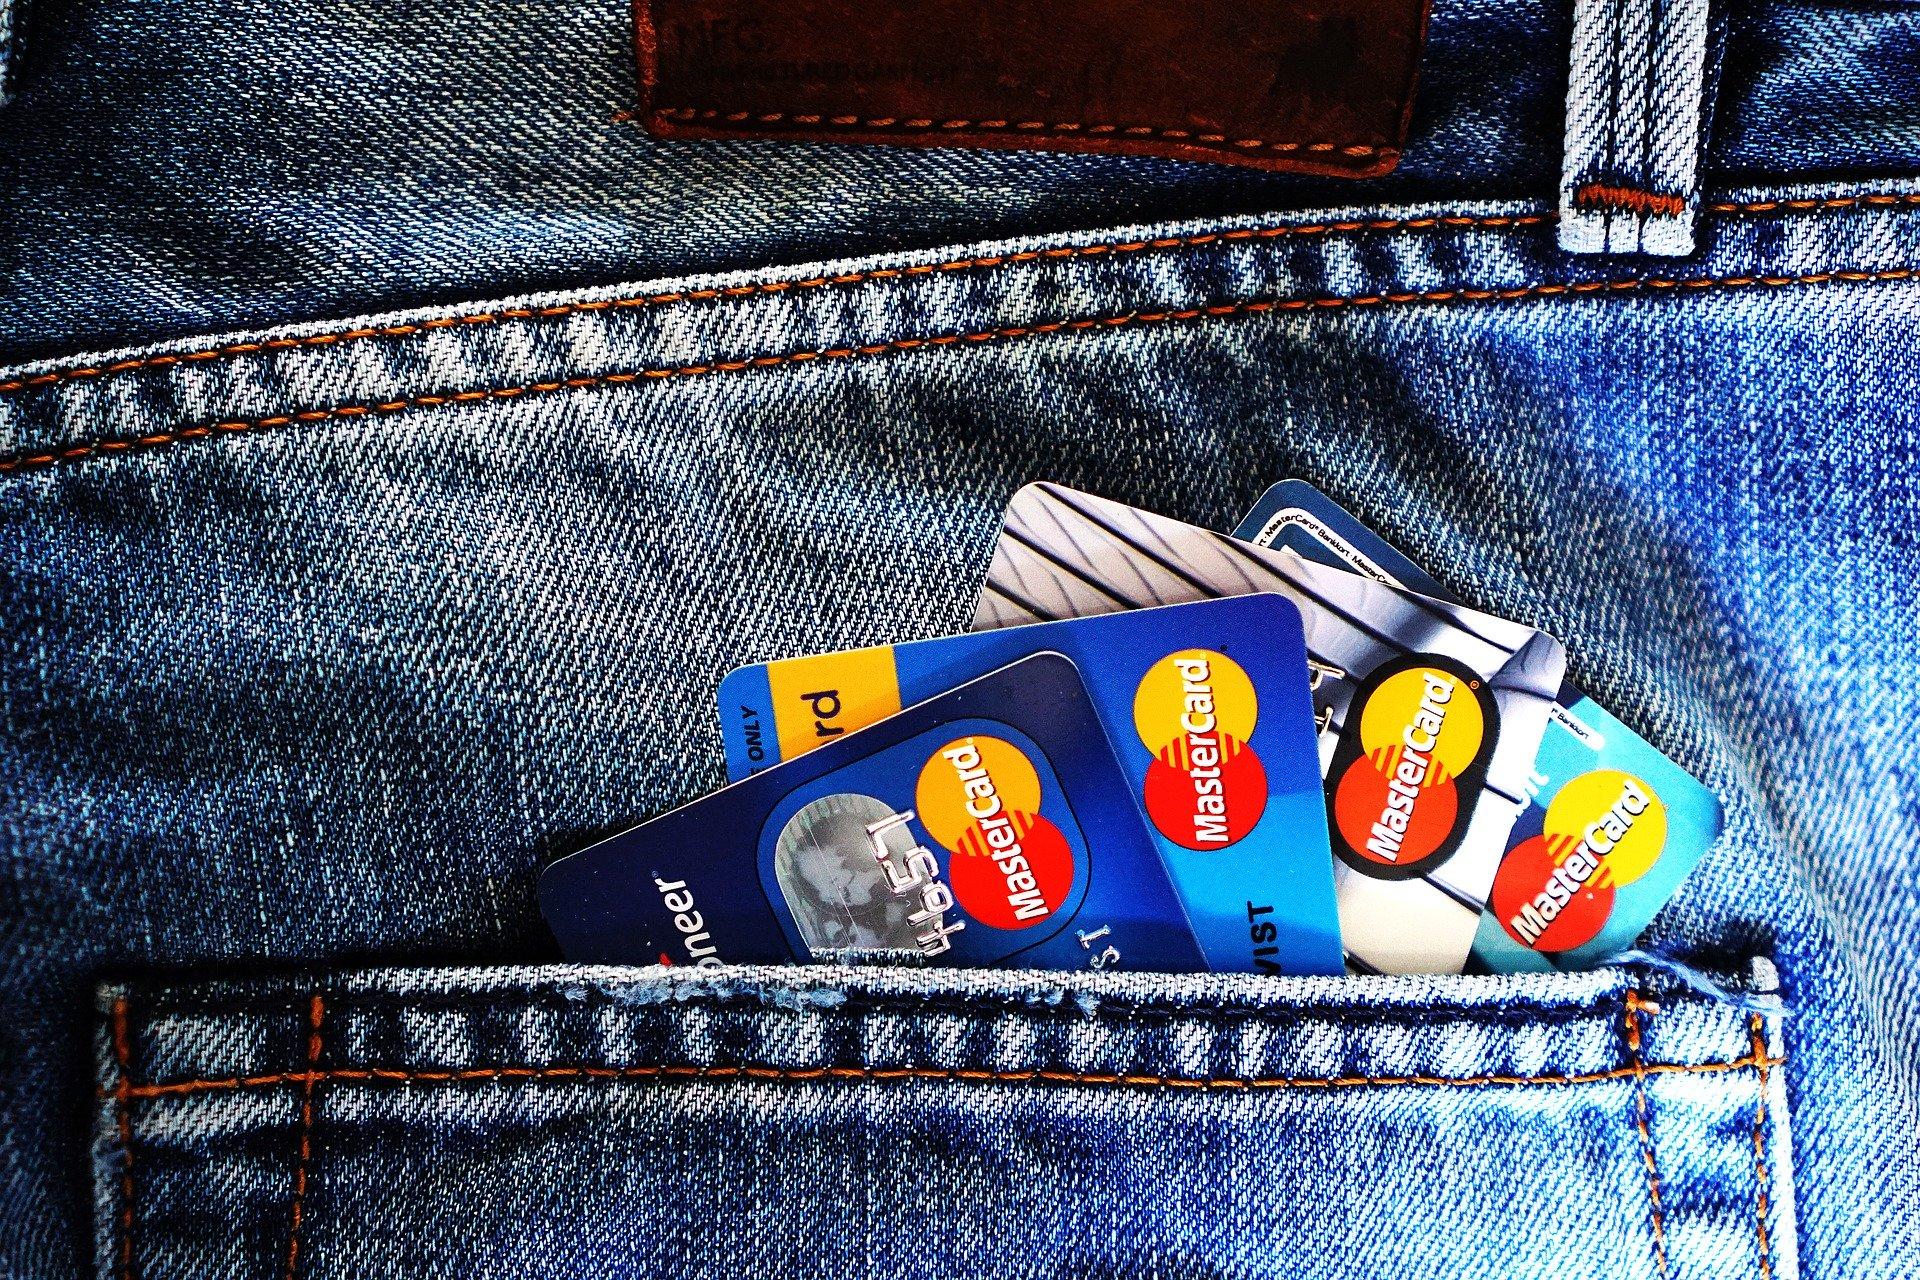 Quatro compras com cartão bastam para descobrir identidade, diz estudo